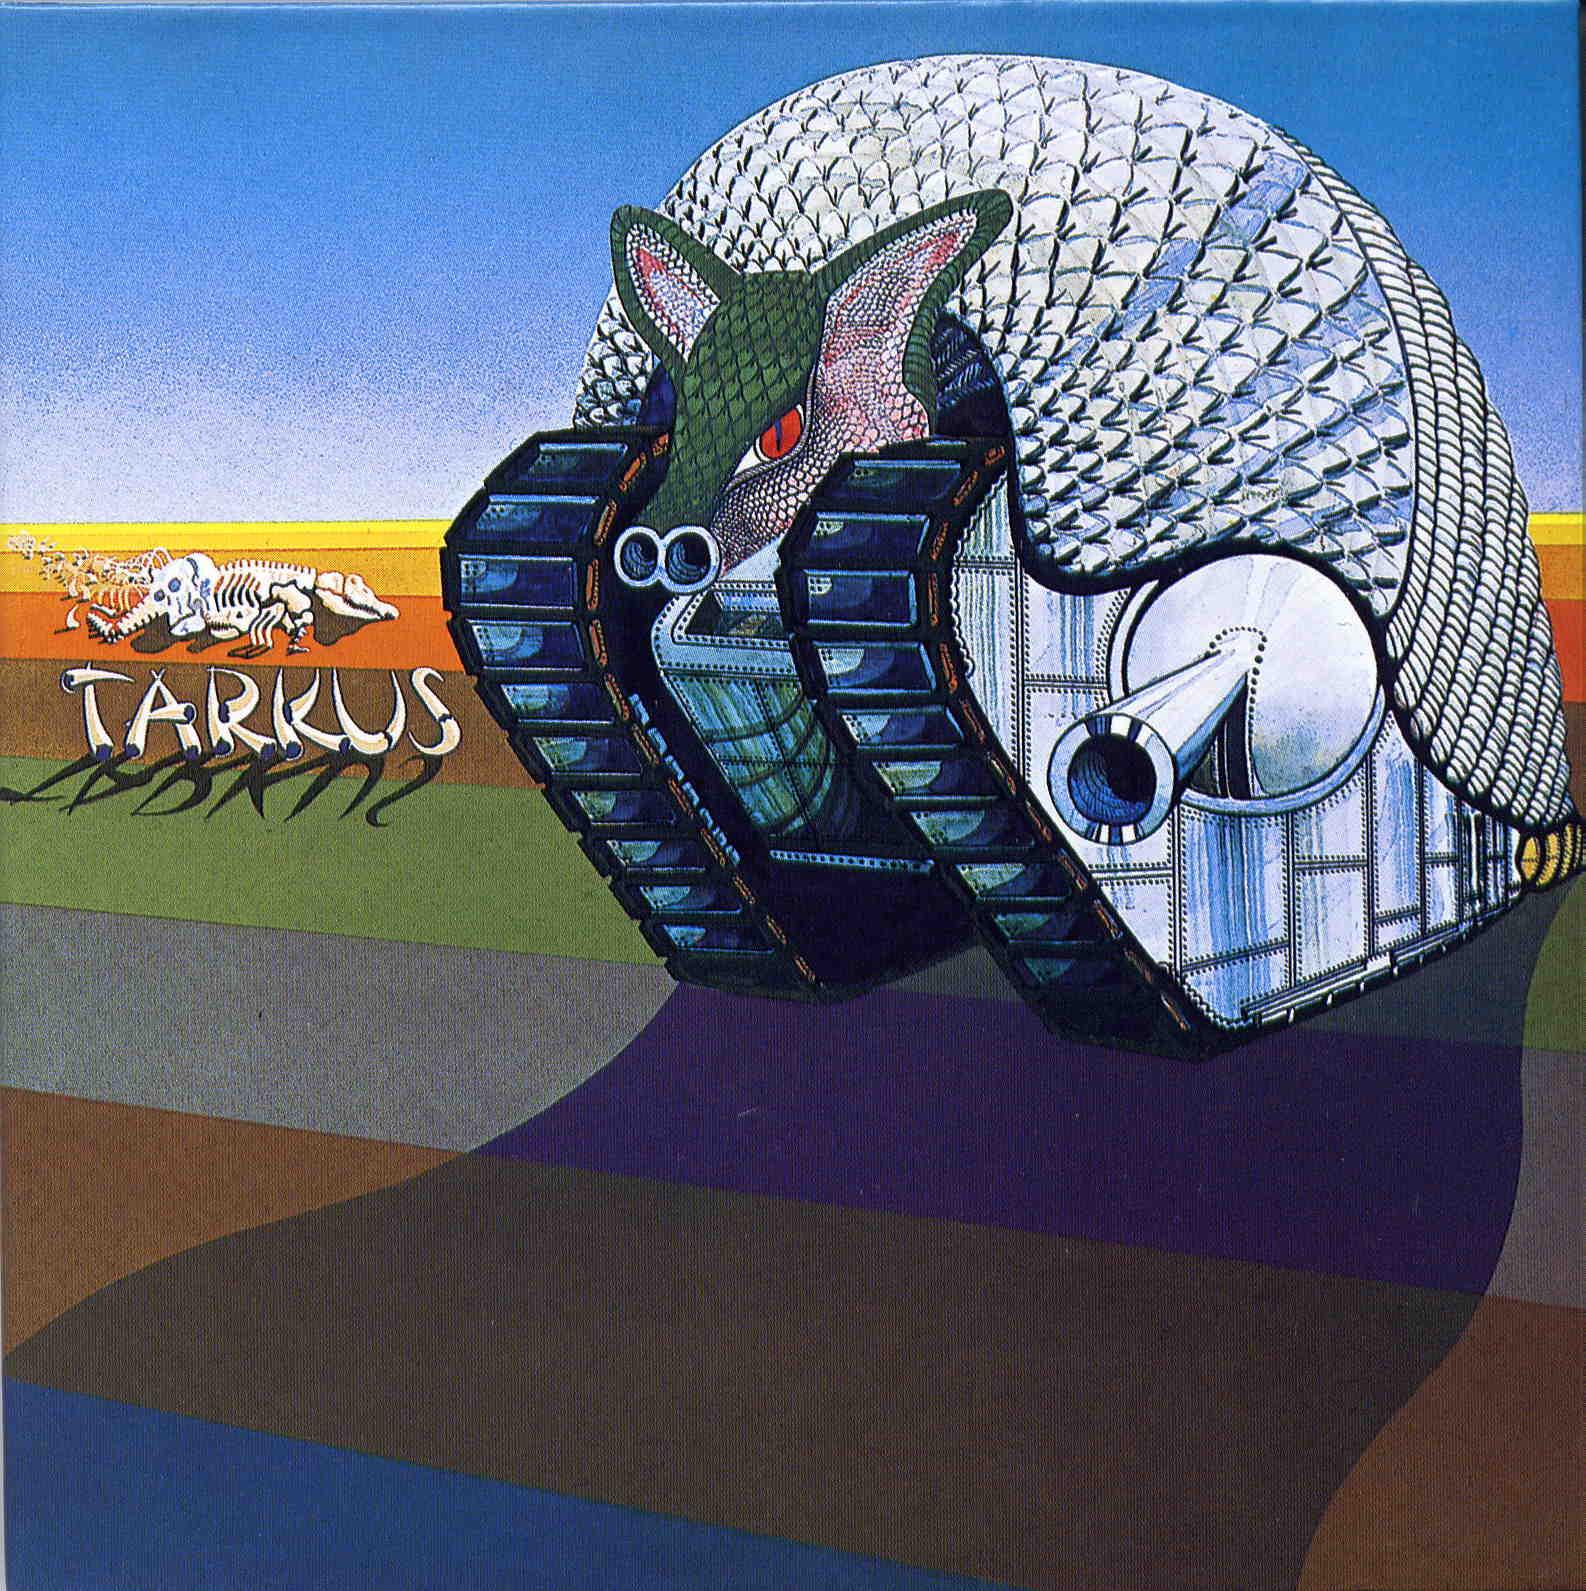 Herb Alpert & The Tijuana Brass - Herb Alpert & The Tijuana Brass Featuring Jerusalem And Summertime